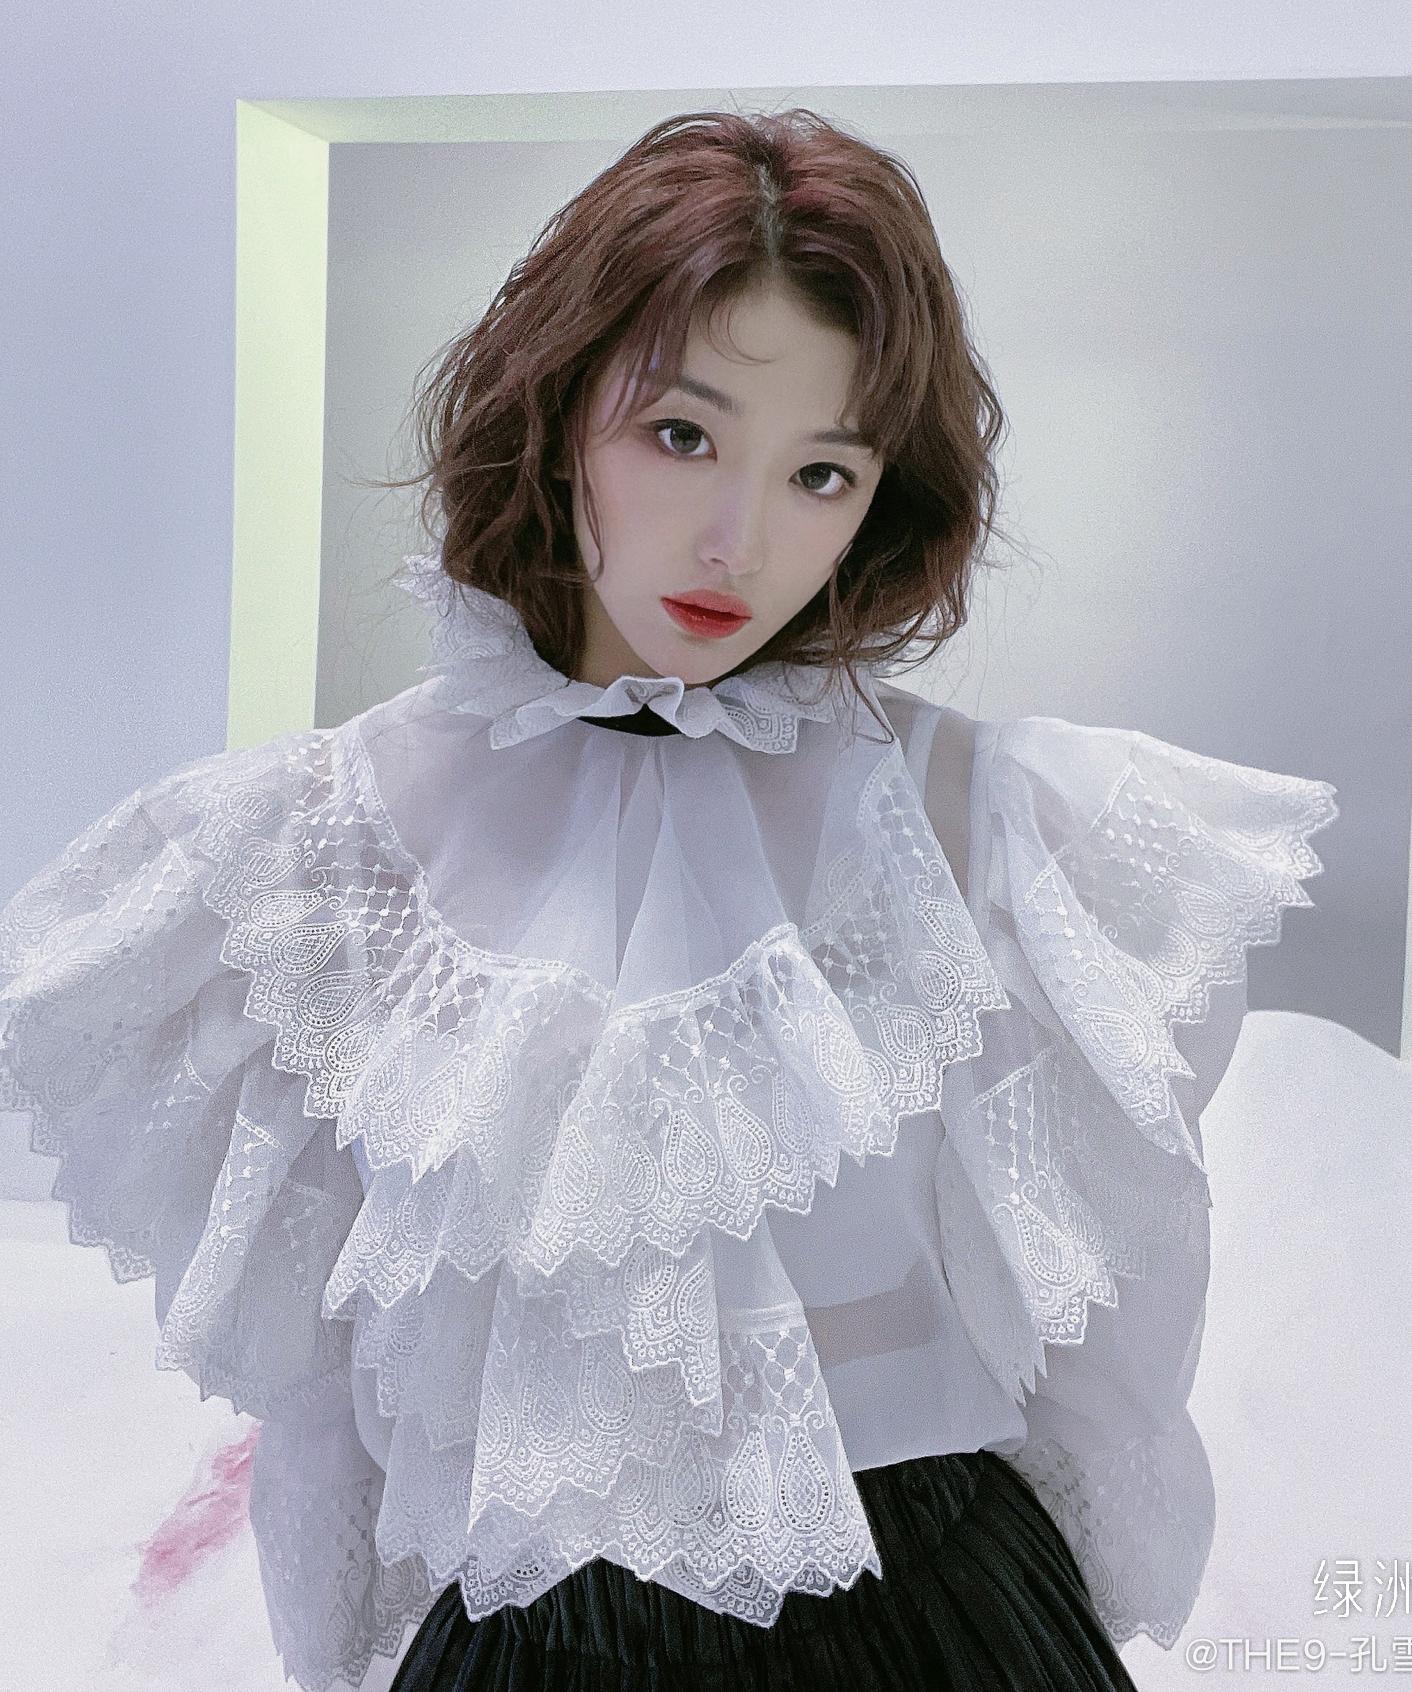 Với trang phục đời thường, mỹ nhân sinh năm 1996 cũng là tín đồ của những thiết kế không thể điệu đà hơn. Ngoài Khổng Tuyết Nhi, hẳn chẳng mấy ai dám diện các kiểu áo xếp nhún cầu kỳ đậm chất quý tộc như vậy.